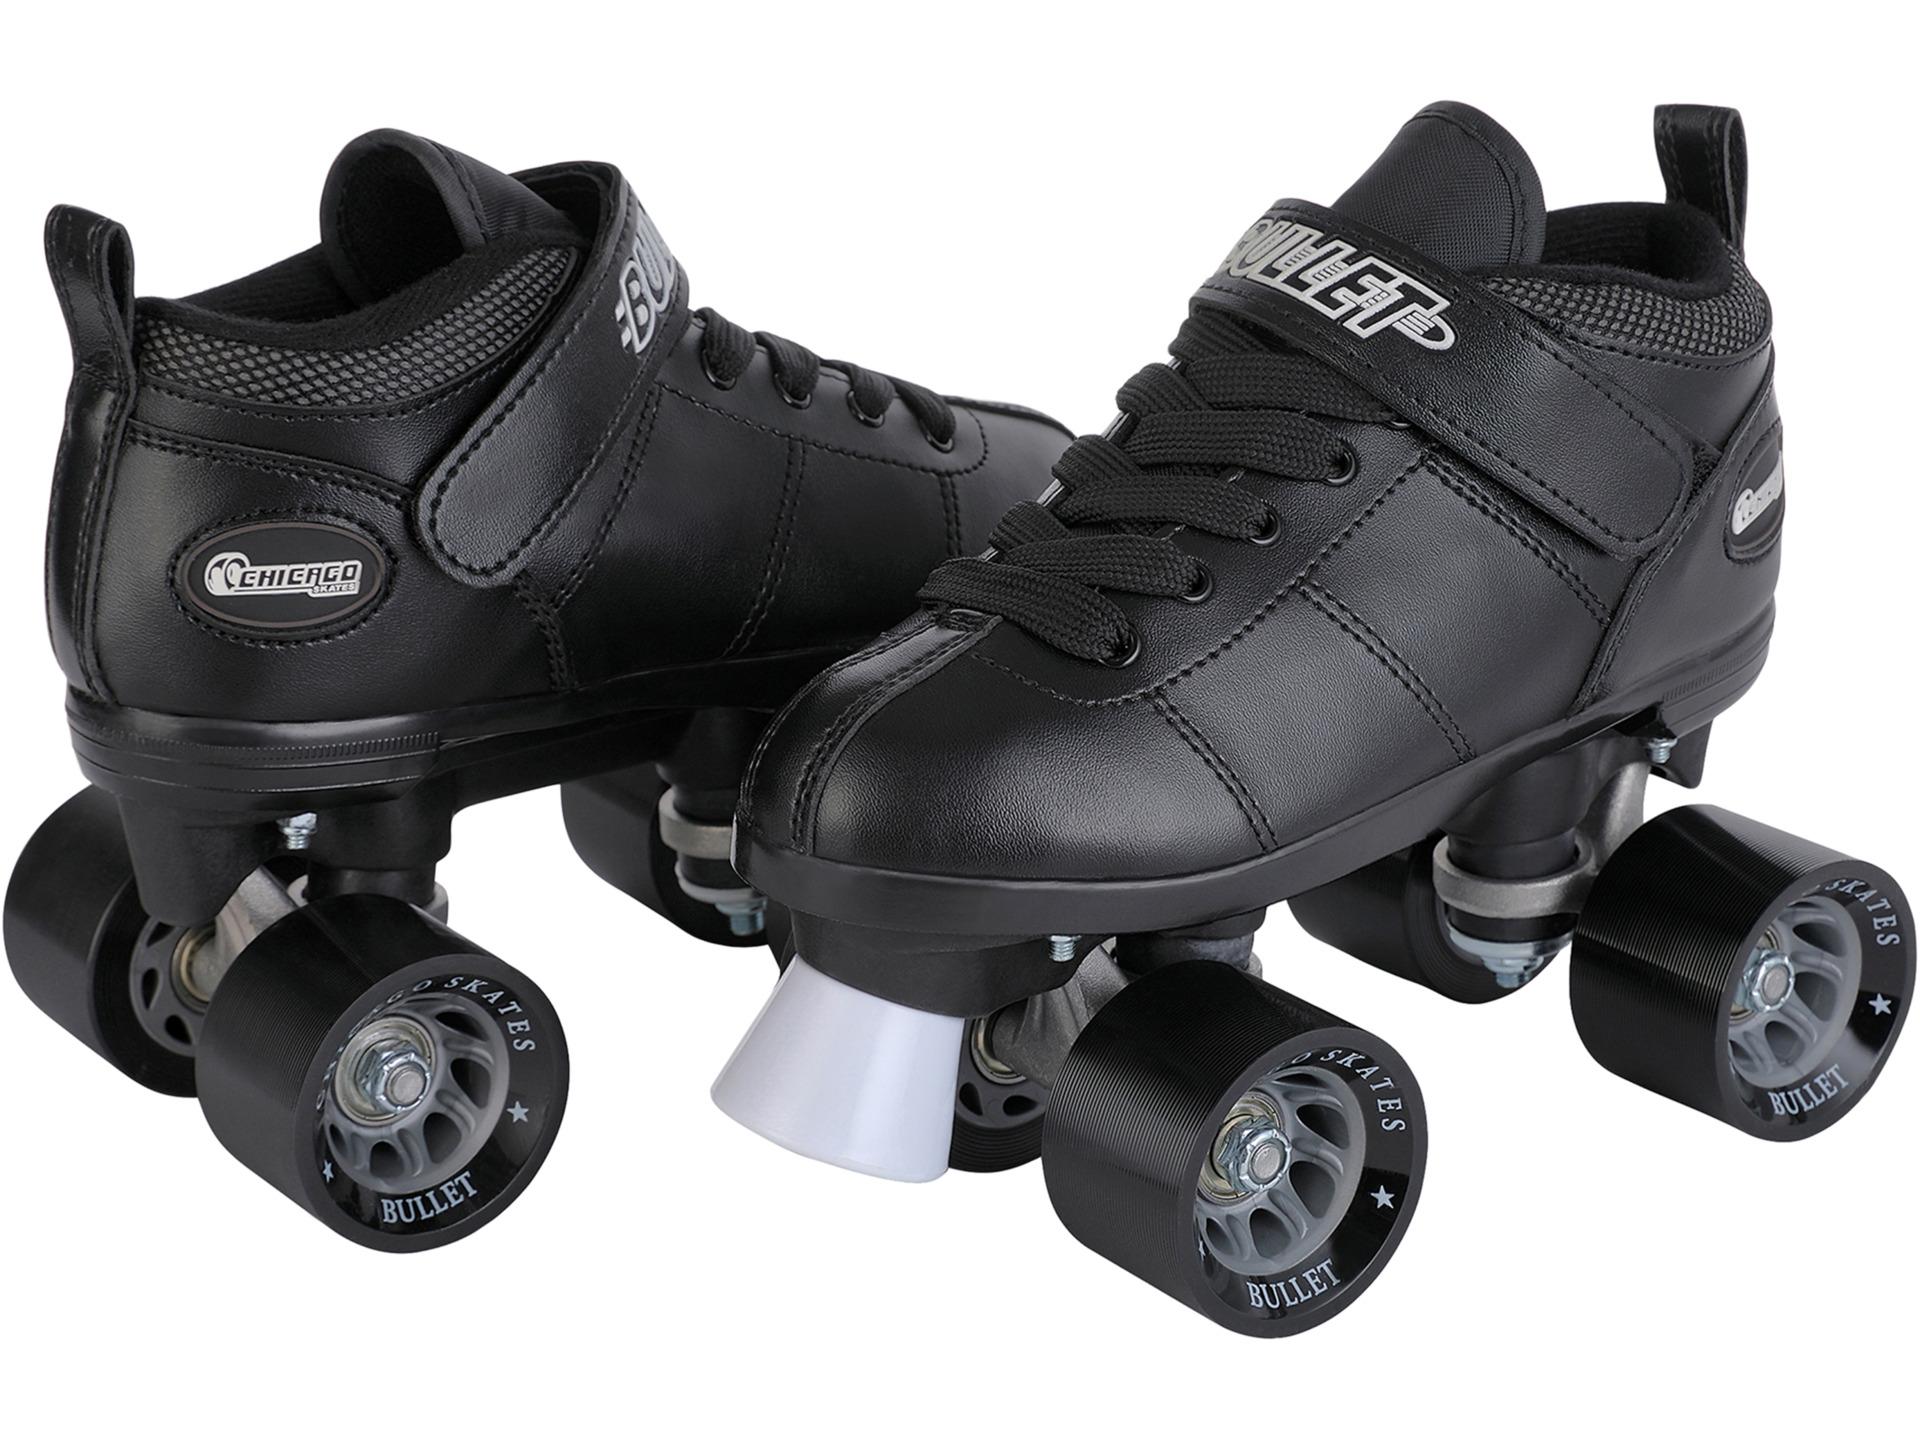 Roller skates las vegas - Chicago Skates Bullet Speed Skate